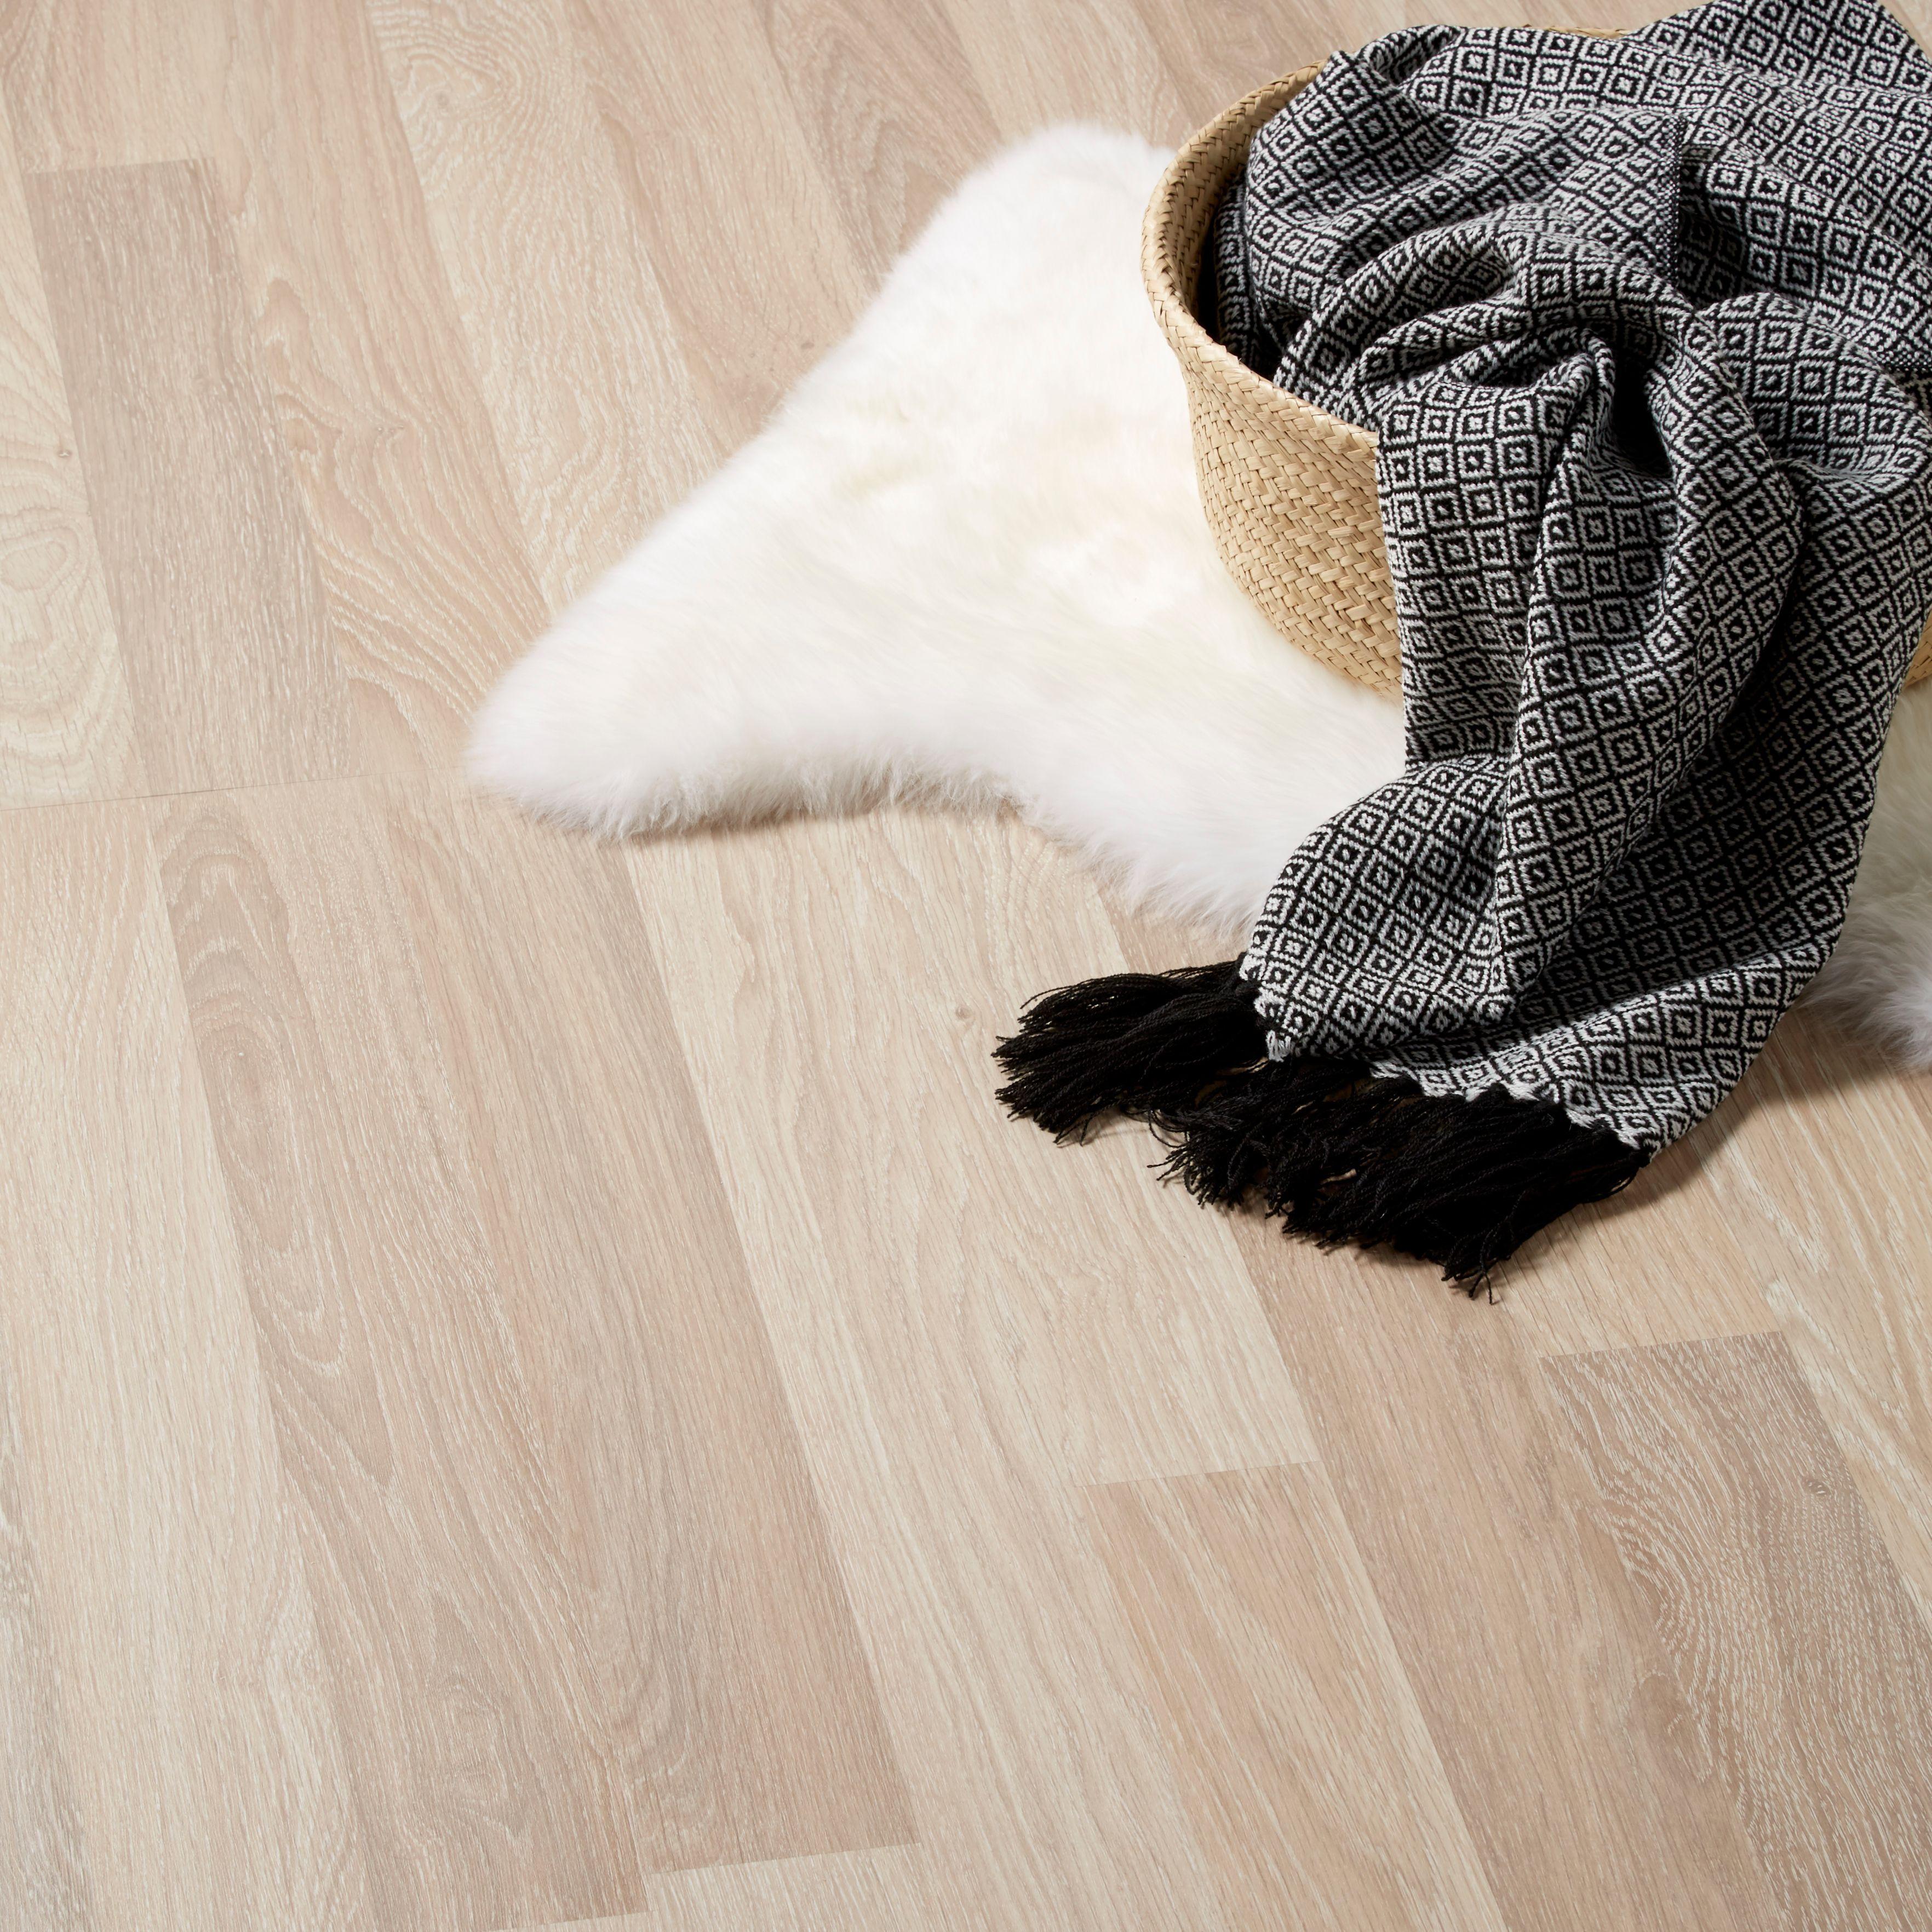 Broome Natural Oak effect Laminate flooring sample 1.996